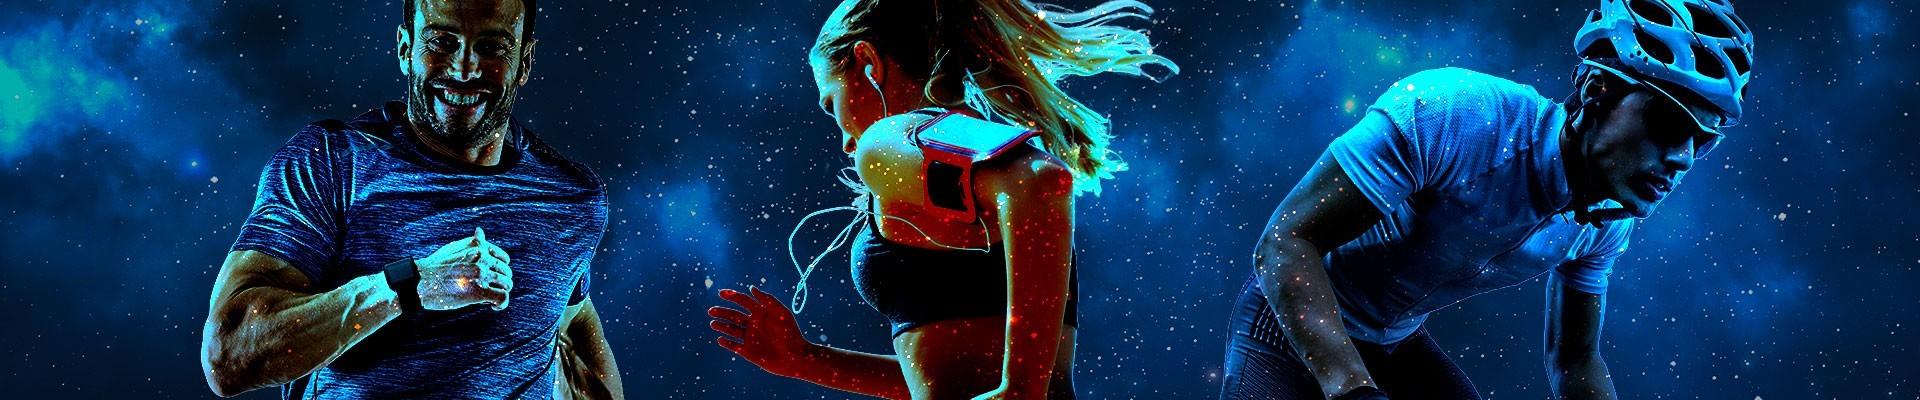 MX3 Extrême : nutrition sportive pour les sports d'endurance